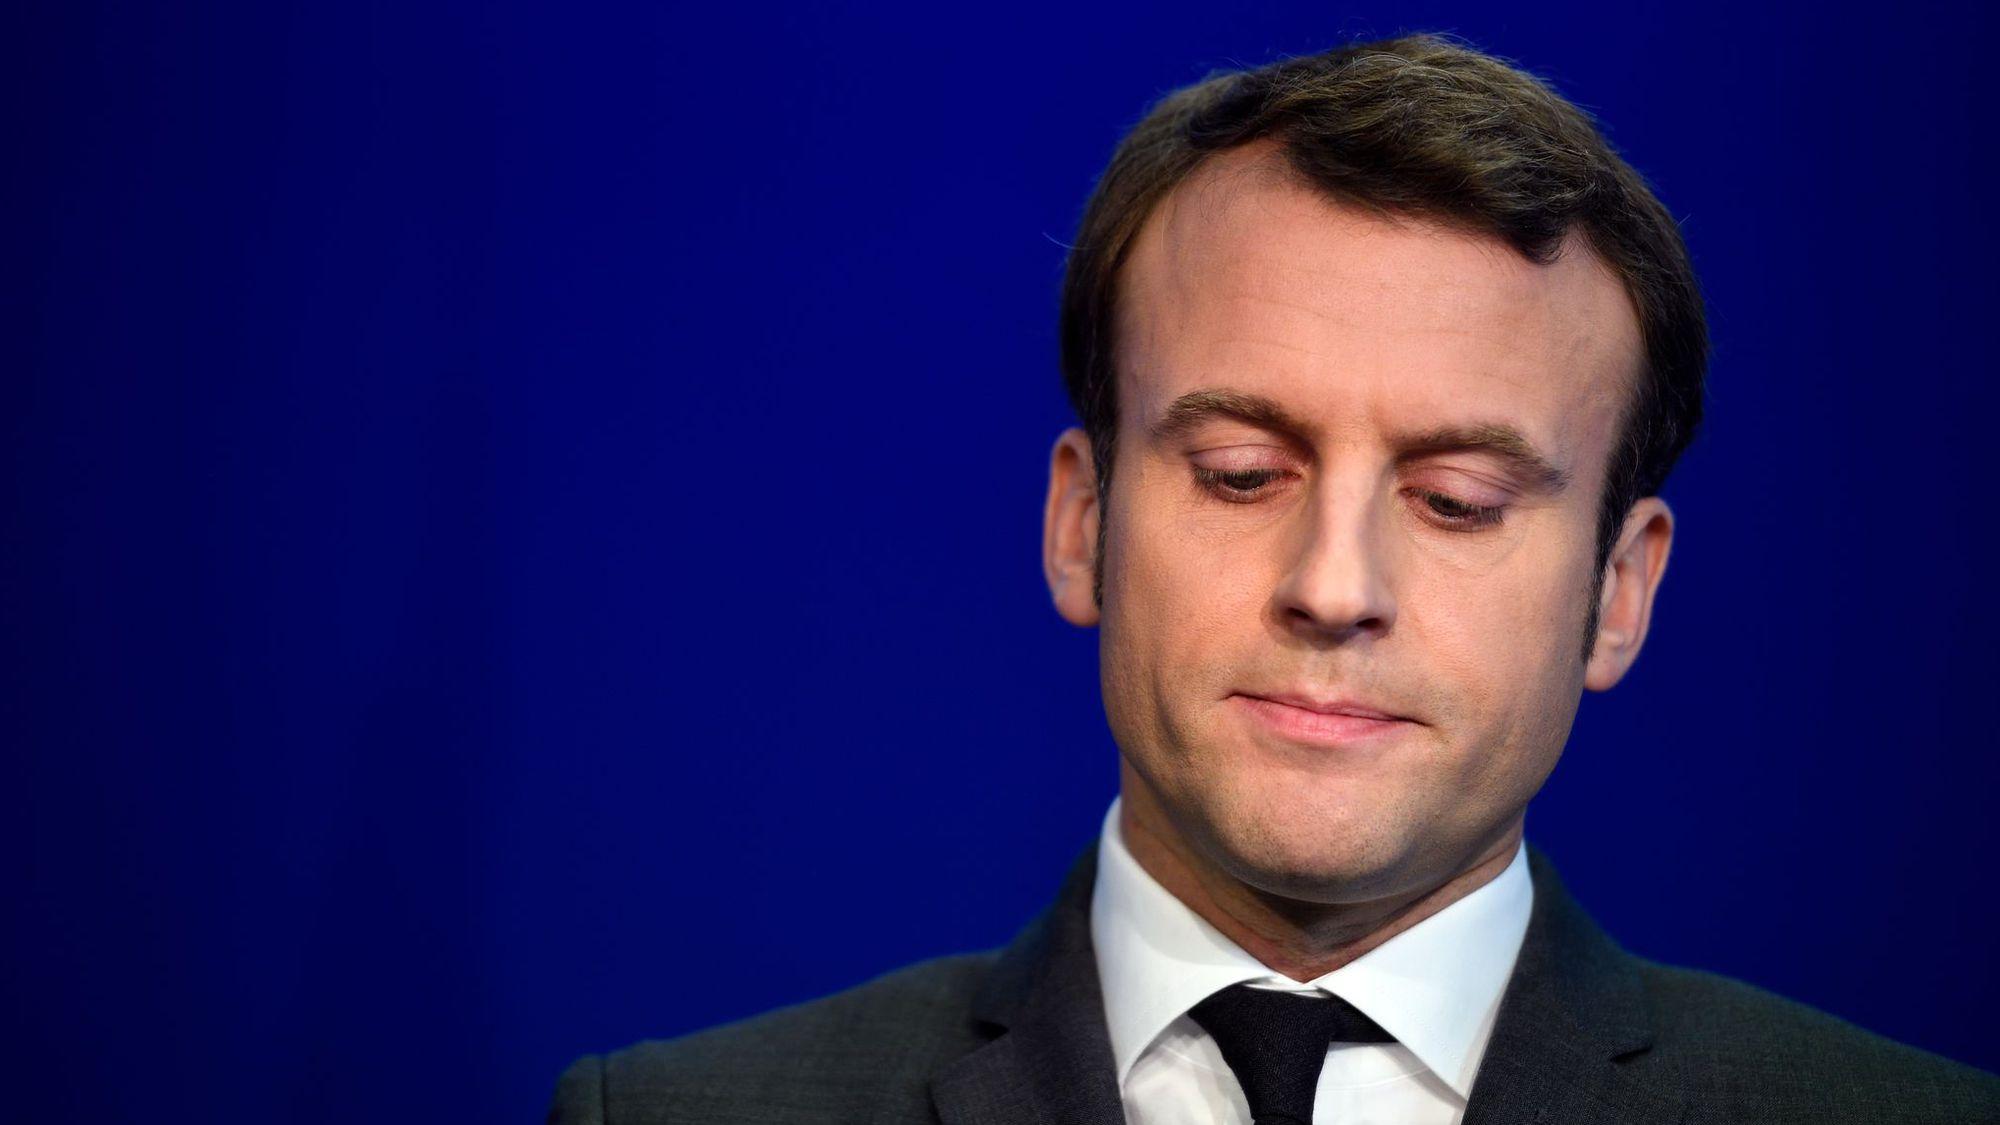 Macron a-t-il utilisé l'argent de Bercy (nos impôts) pour lancer En marche! ?